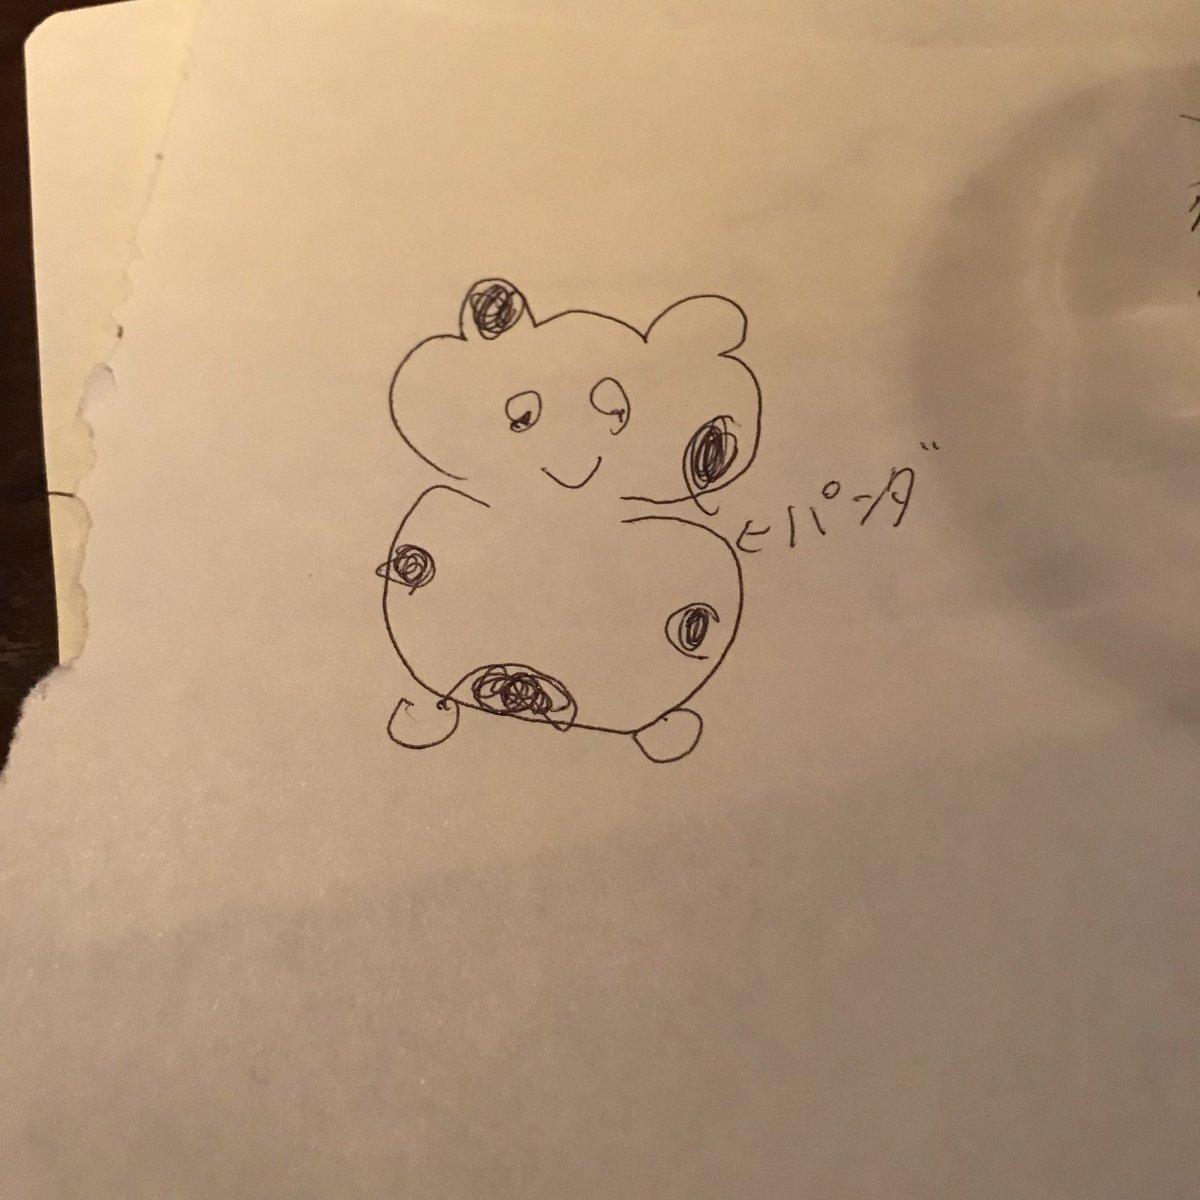 これパンダなの?   RADWIMPS野田洋次郎、米津玄師とのお絵かきごっこであ...